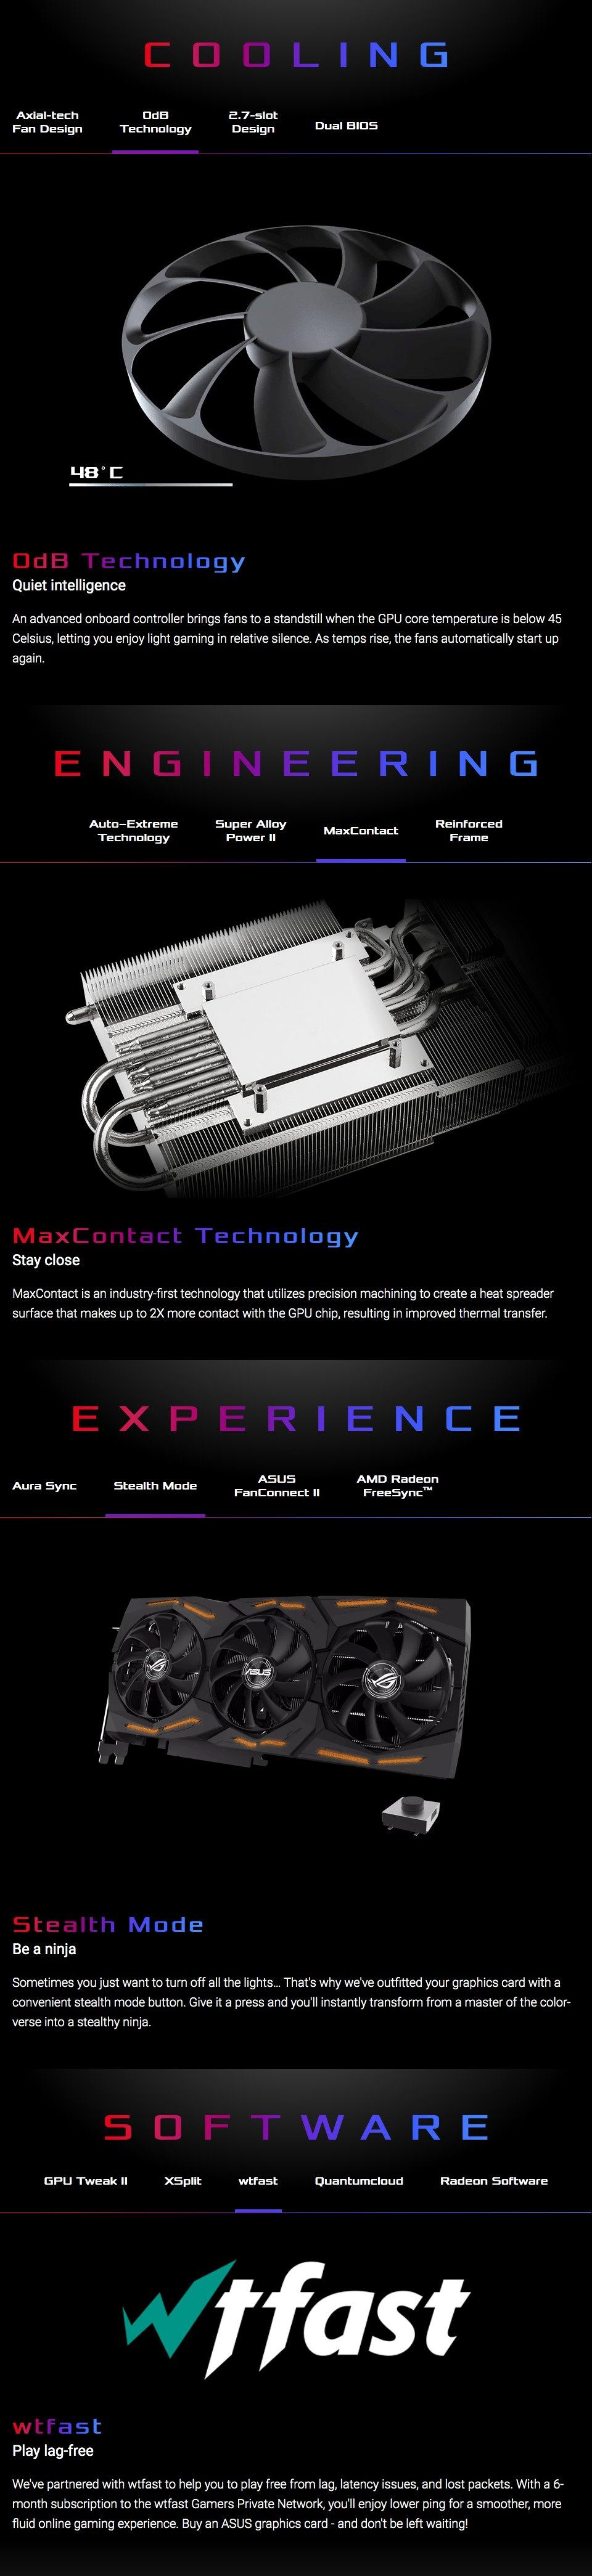 ASUS ROG Strix Radeon RX 5600 XT OC 6GB features 4